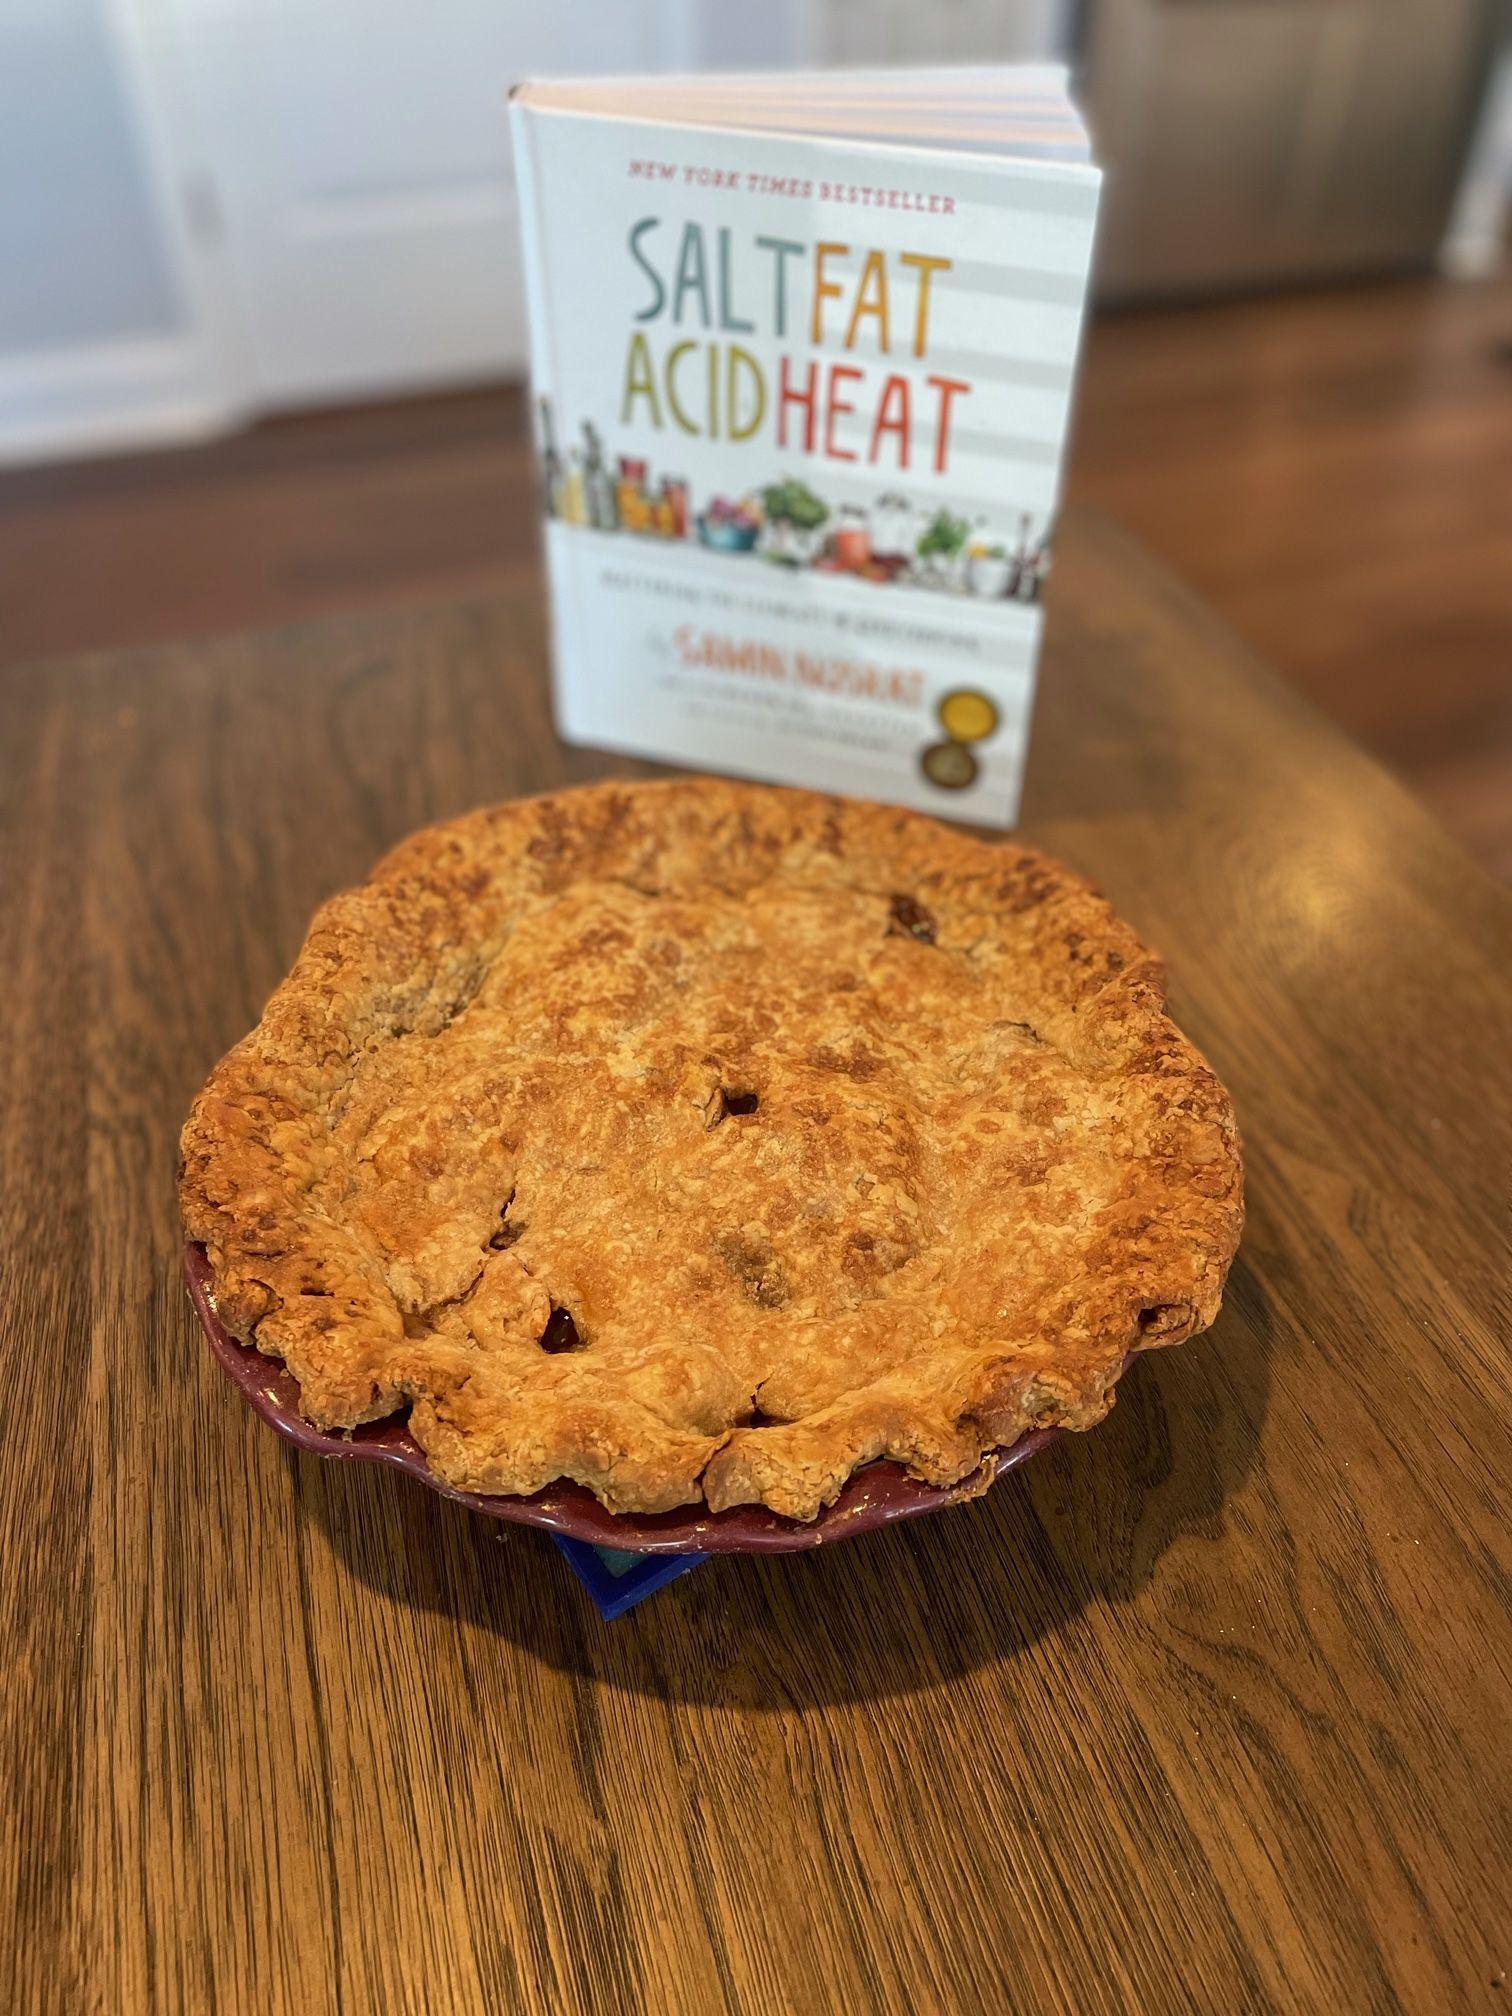 Apple pie with Salt, Fat, Acid, Heat by Samin Nosrat